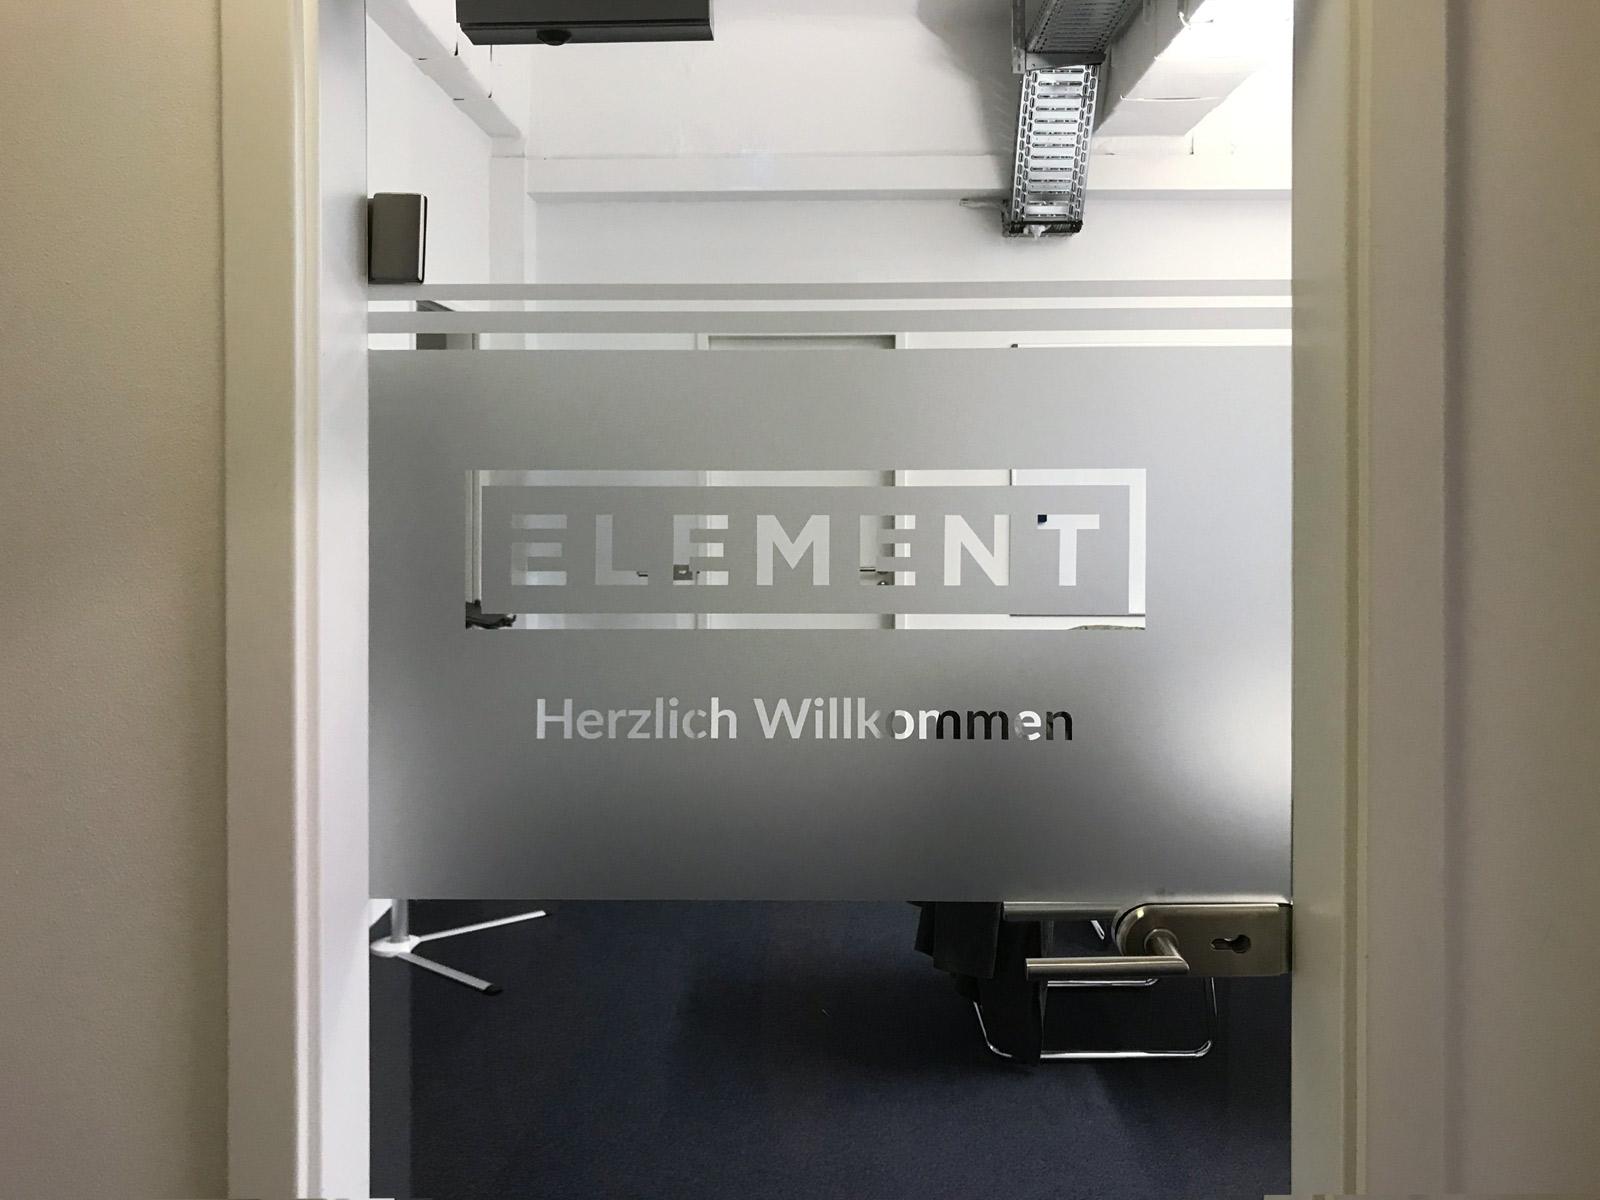 Glastür mit negativ ausgeschnittenem Logo aus einer darauf angebrachten Milchglasfolie